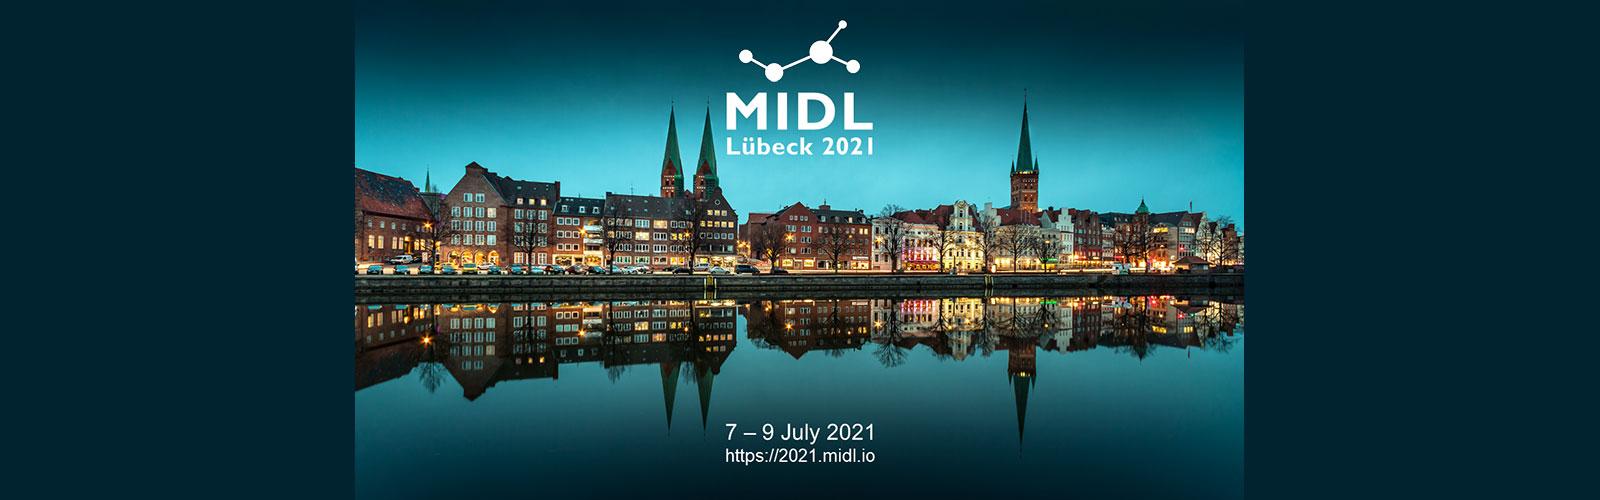 MIDL Lübeck 2021